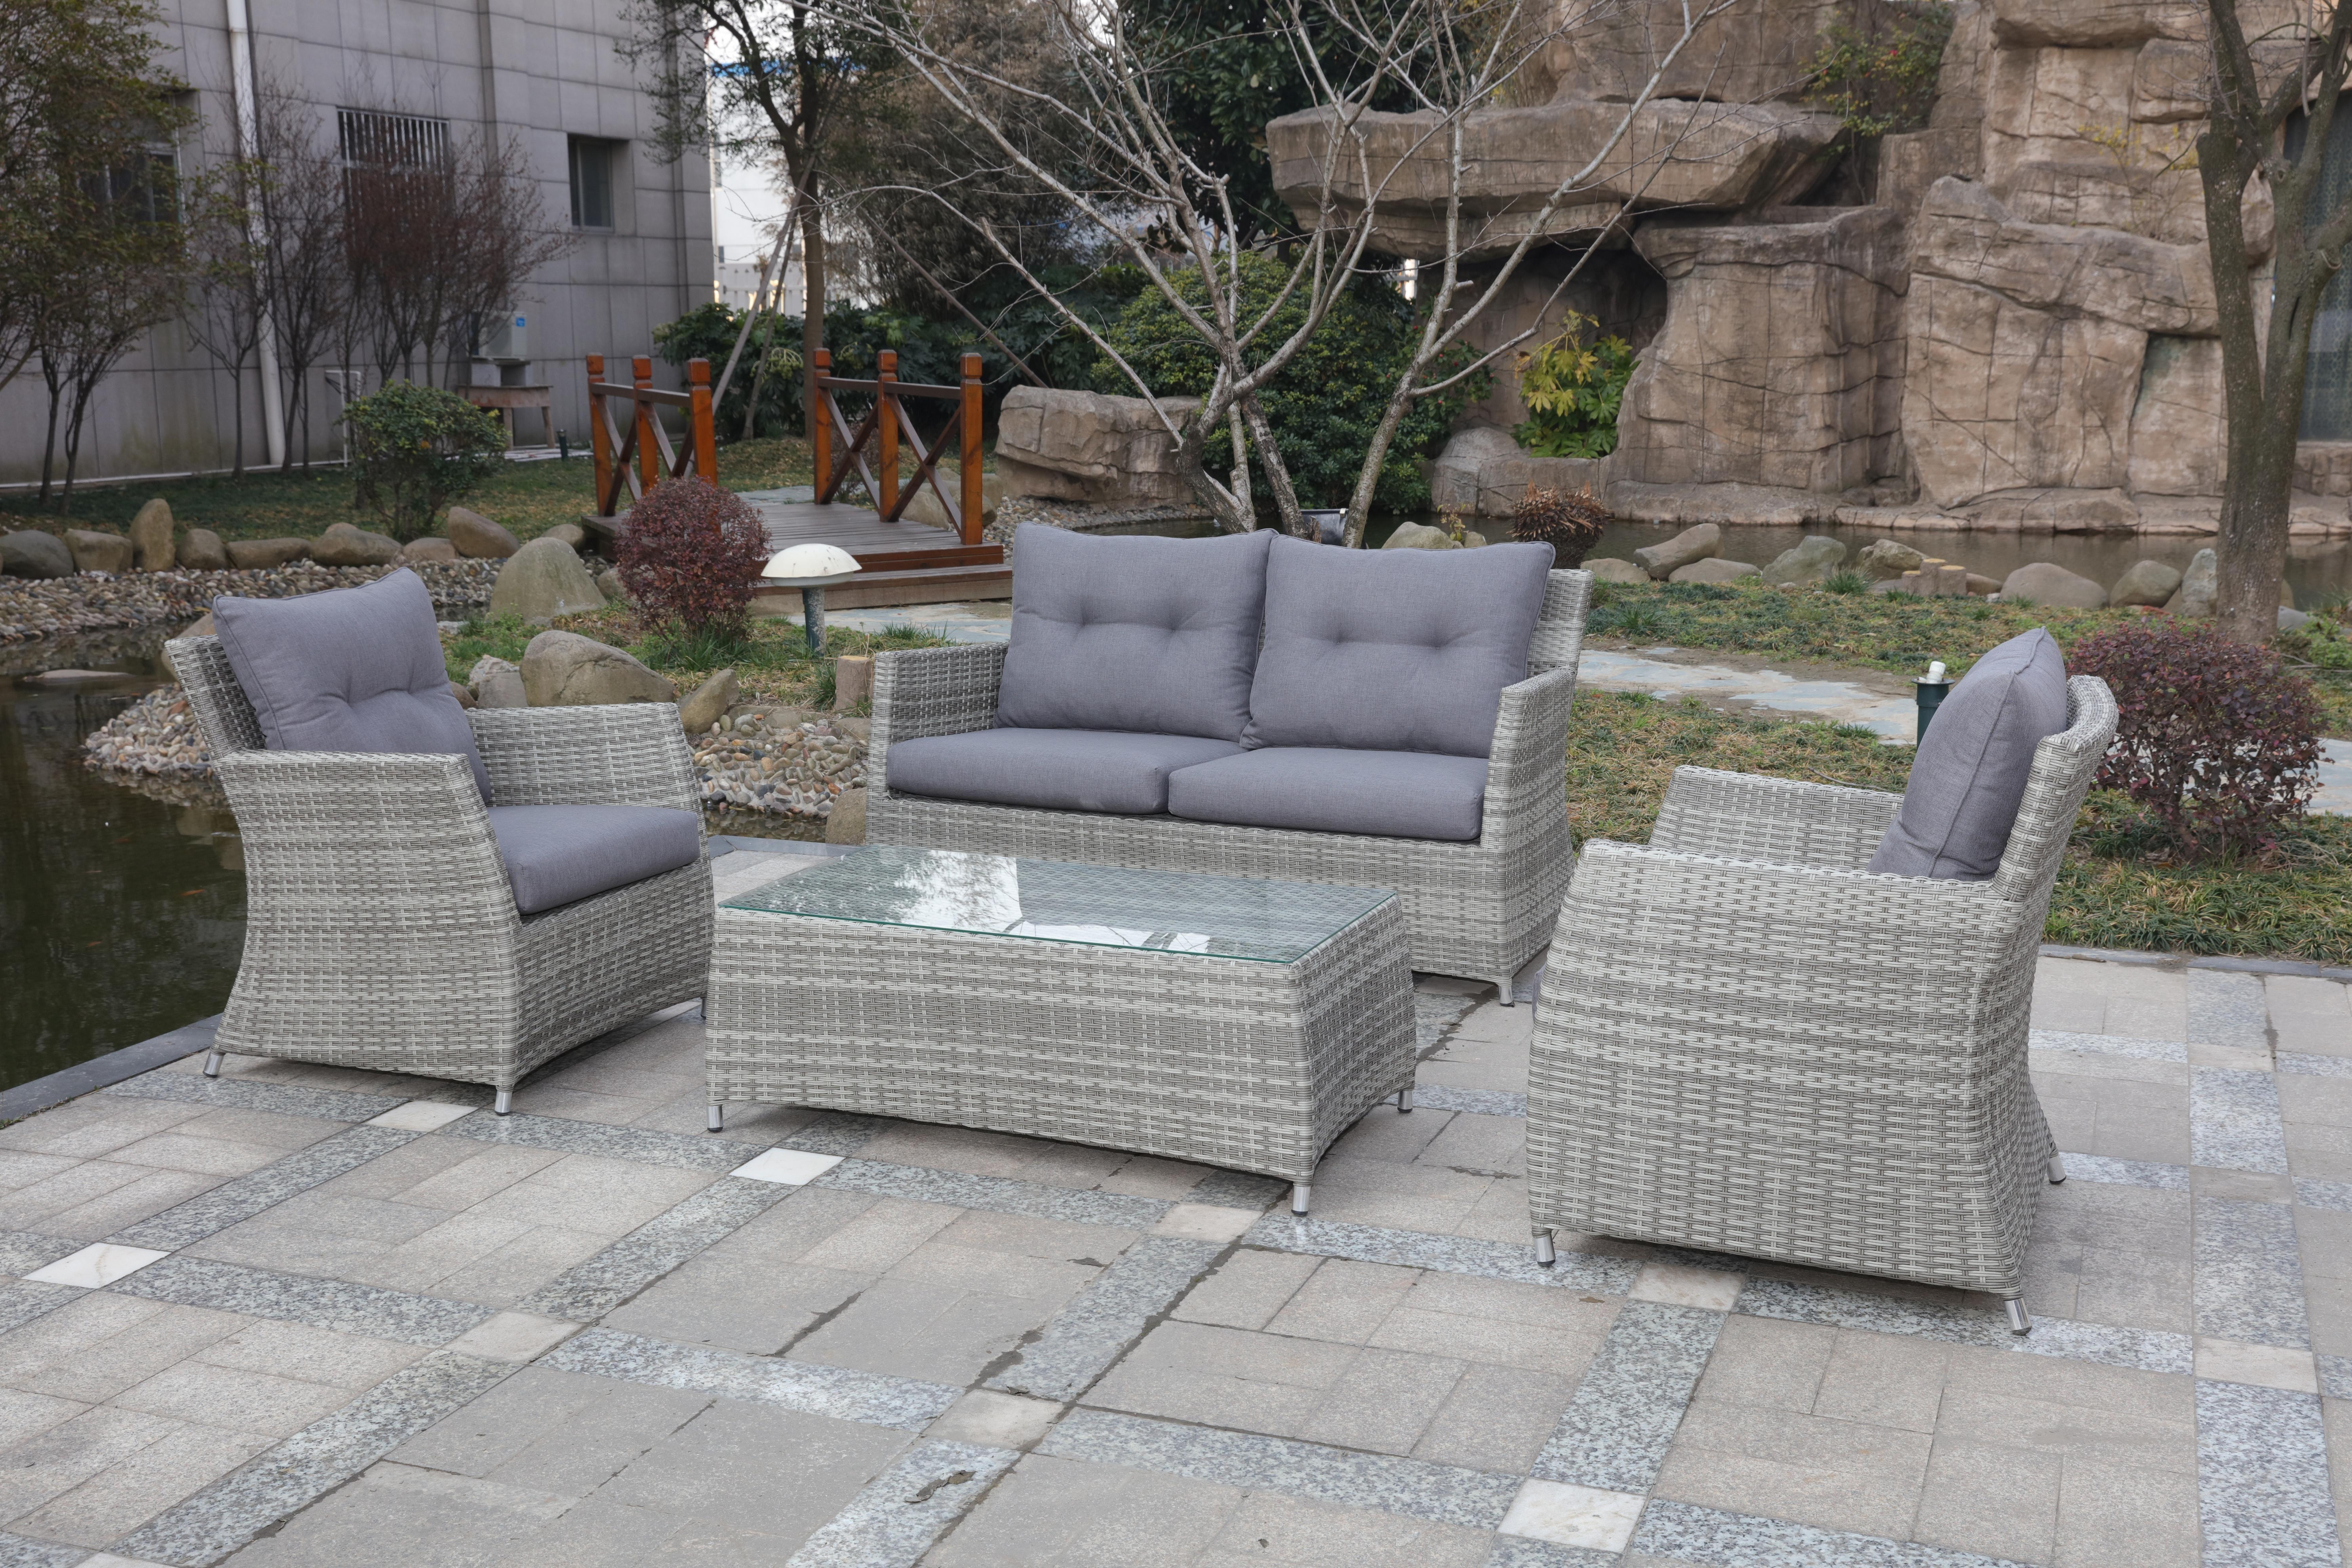 Gartenset Bestehend Aus Zwei Sesseln Sofa Und Tisch Gefertigt Aus Hochwertigem Polyrattan Perfekt Fur Schone Stunden Lounge Garnitur Sitzgruppe Gartenmobel